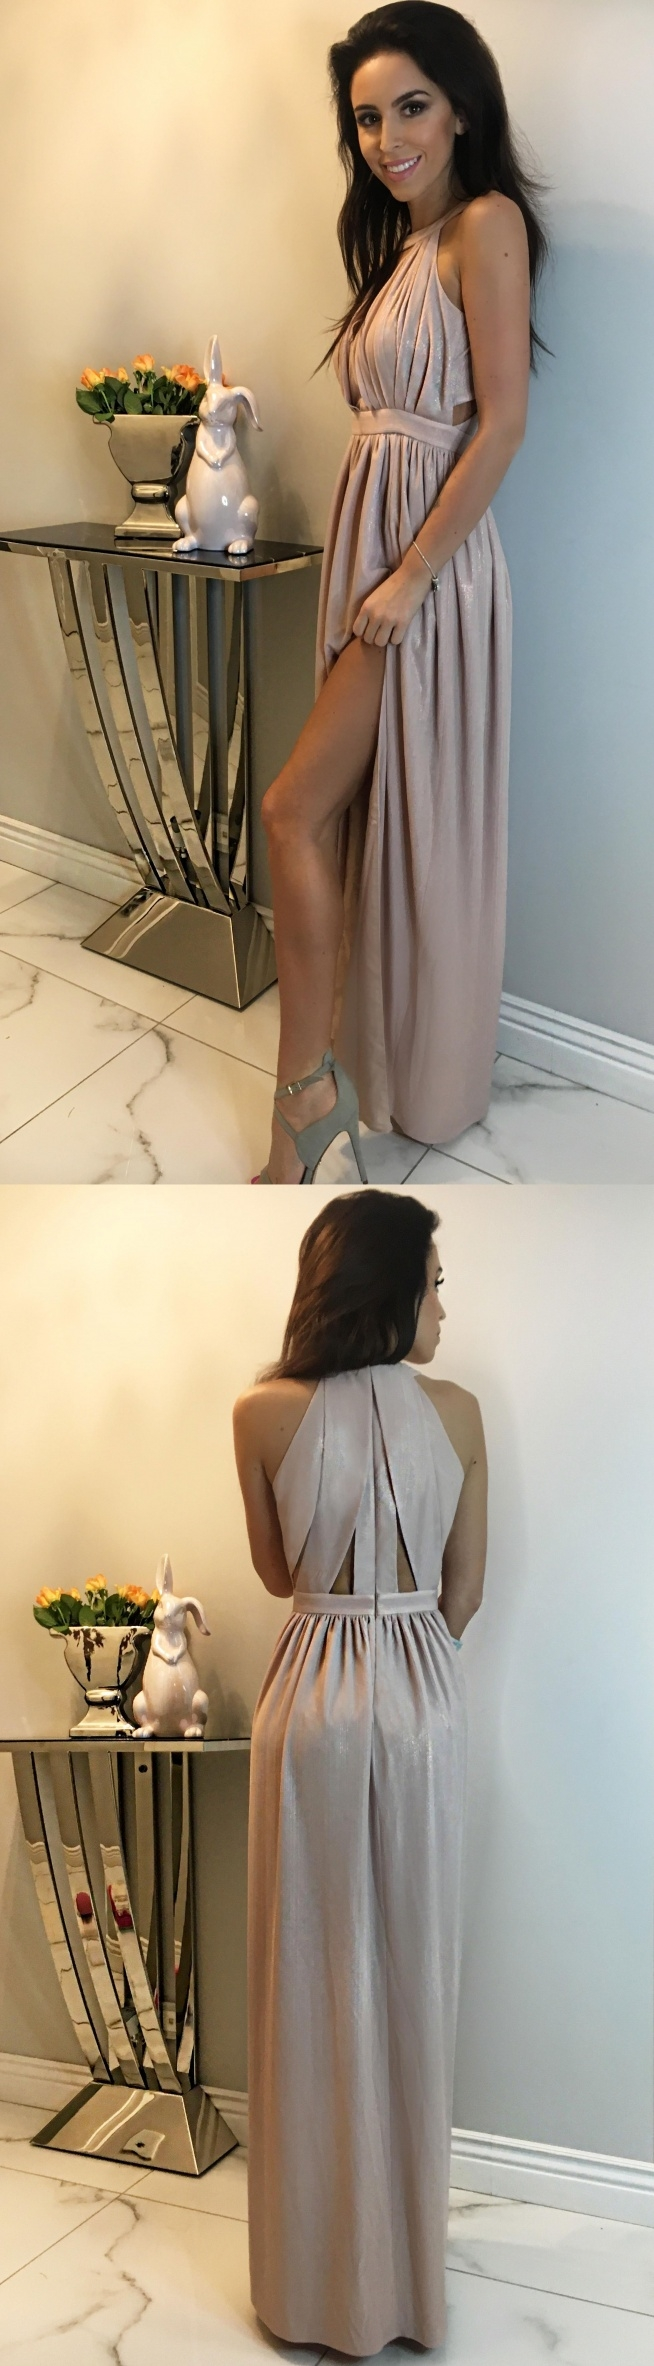 Przecudna sukienka! Idealna na wesele, dla druhny <3 Z kolekcji Illuminate